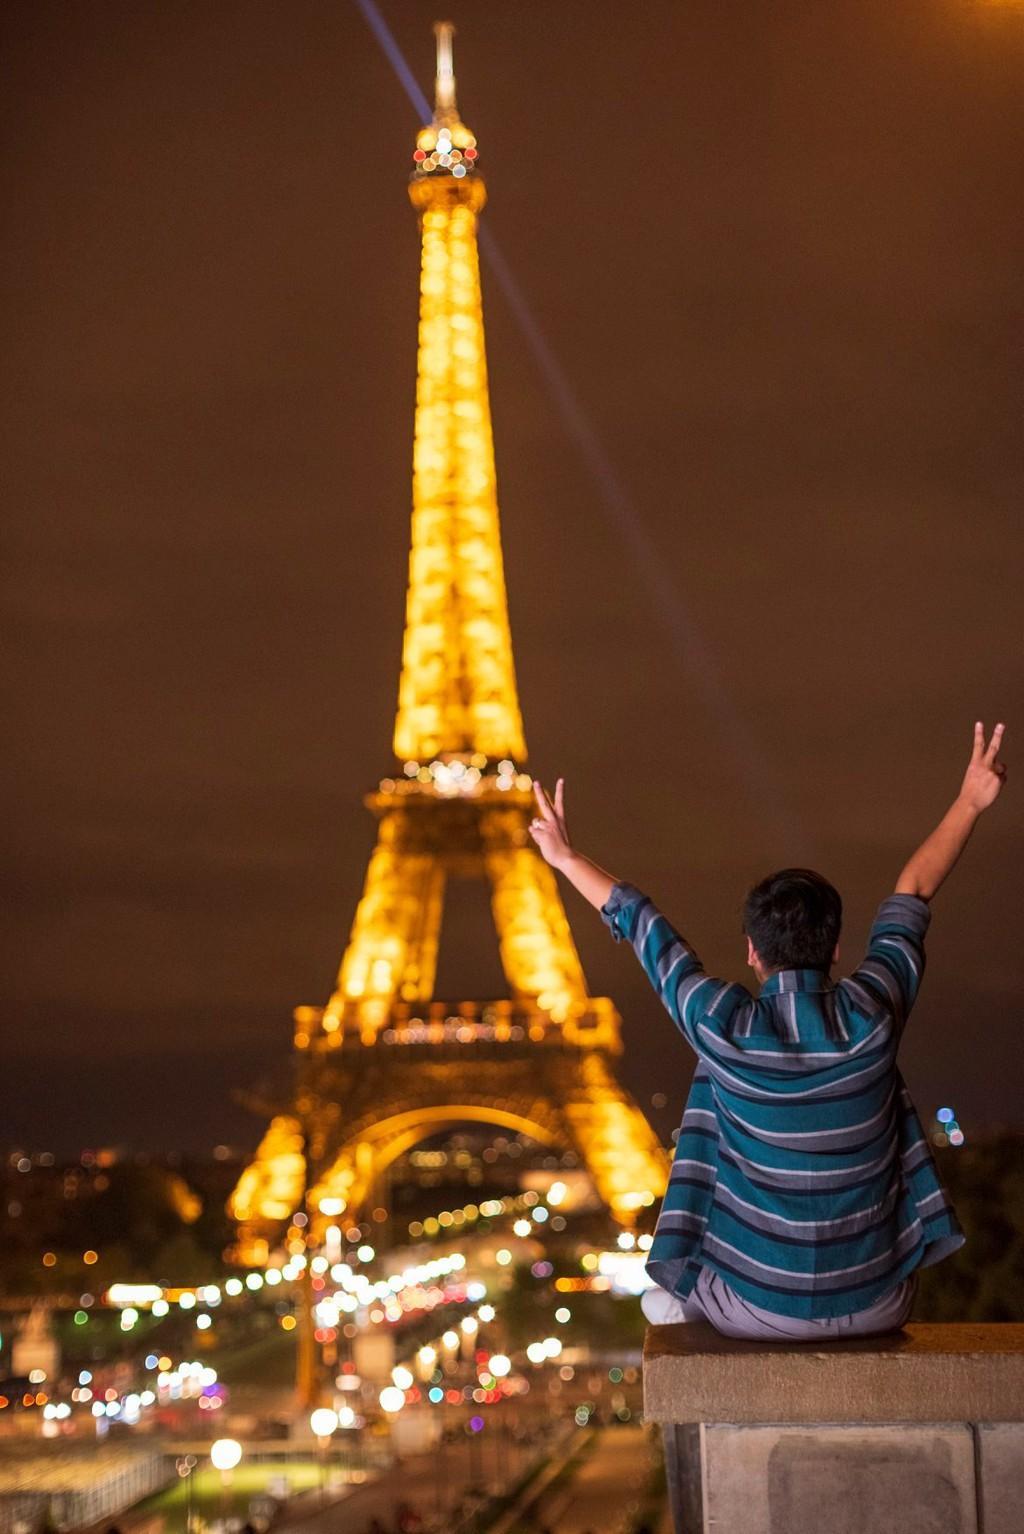 9X thực hiện giấc mơ Paris trong chuyến đi mùa thu Ảnh 2